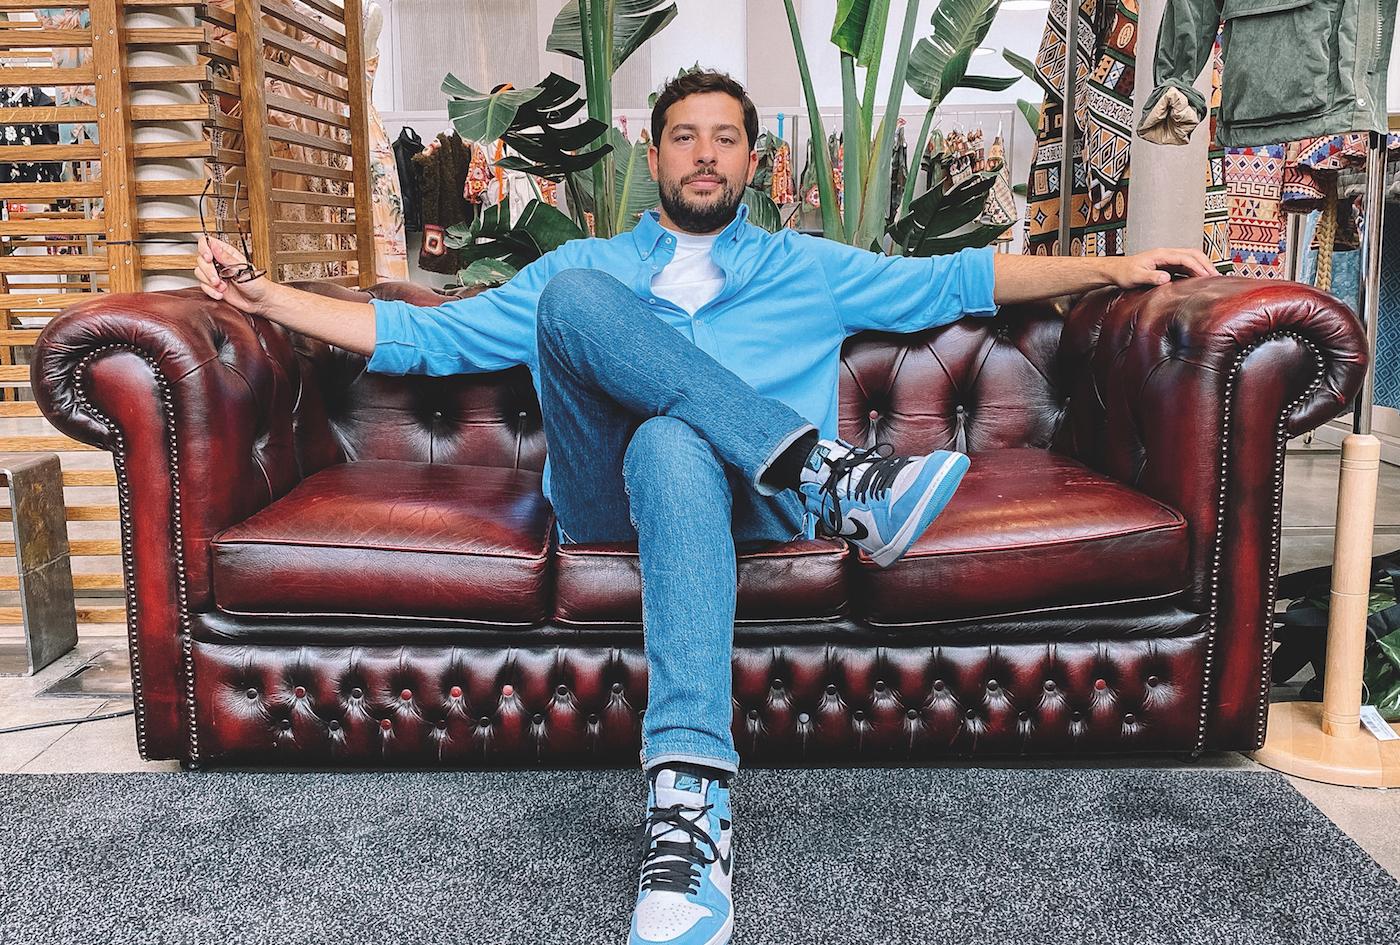 il-brand-di-streetwear-di-un-under-30-napoletano-che-rende-omaggio-alla-cultura-pop-del-passato